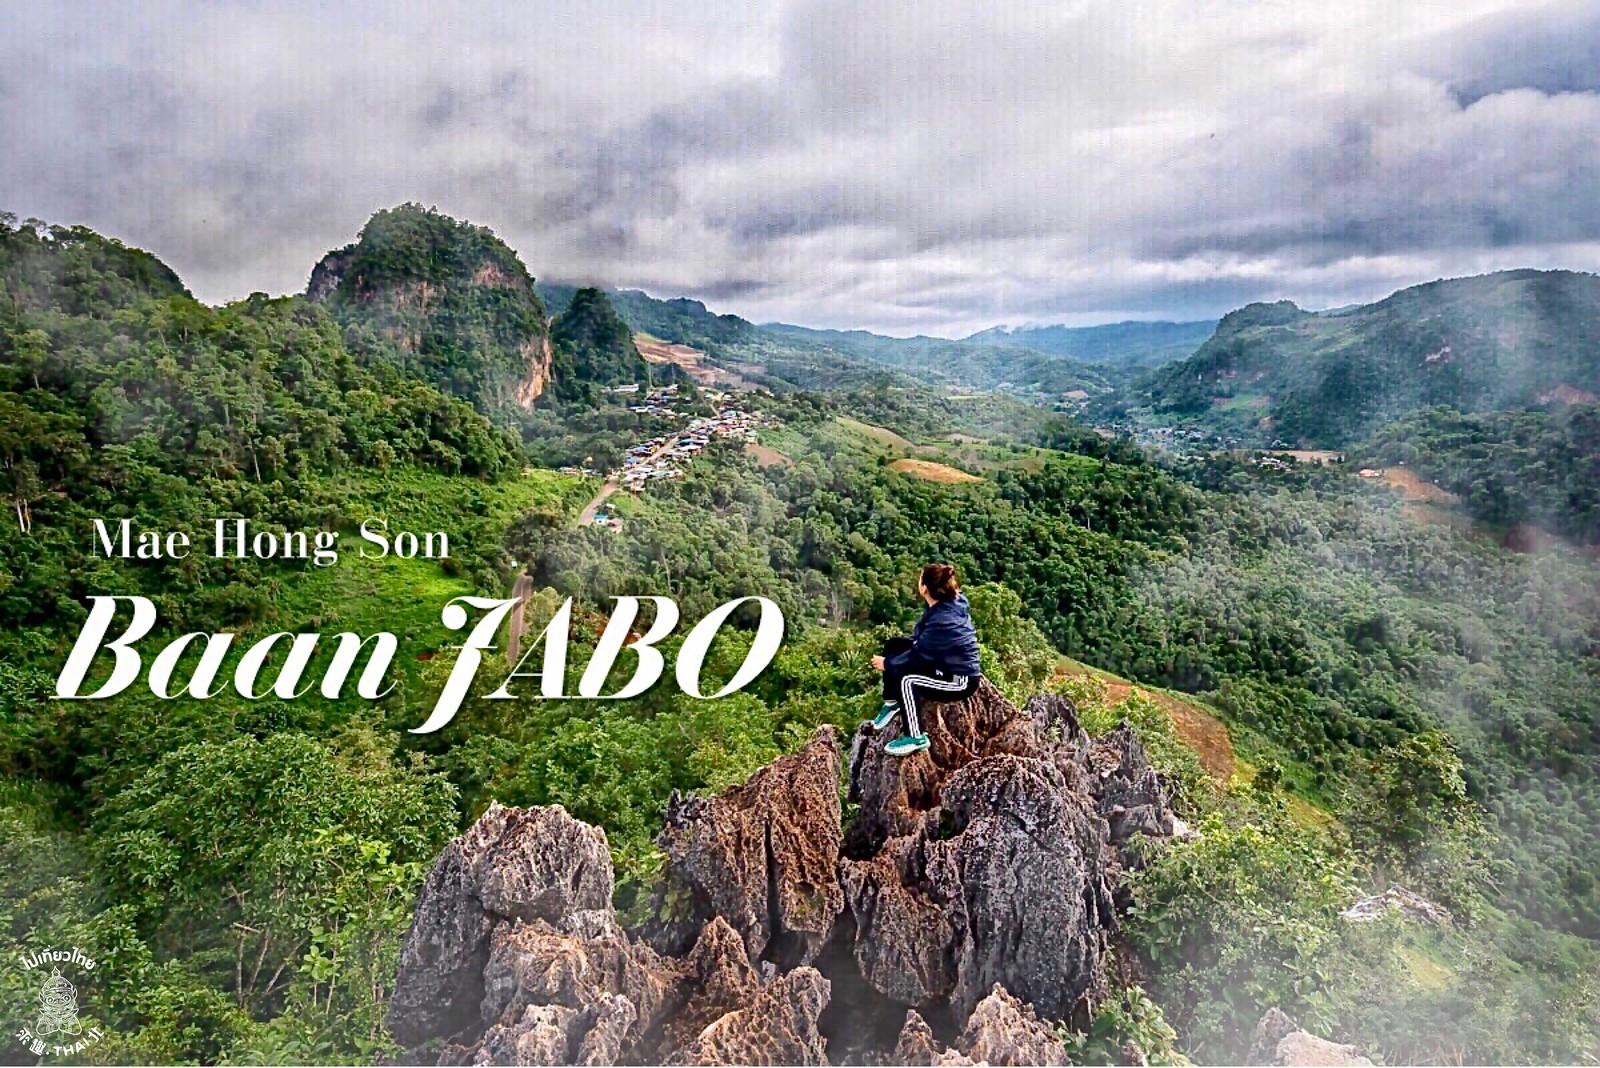 來去夜豐頌府最紅的《Jabo จ่าโบ่》山上住一晚